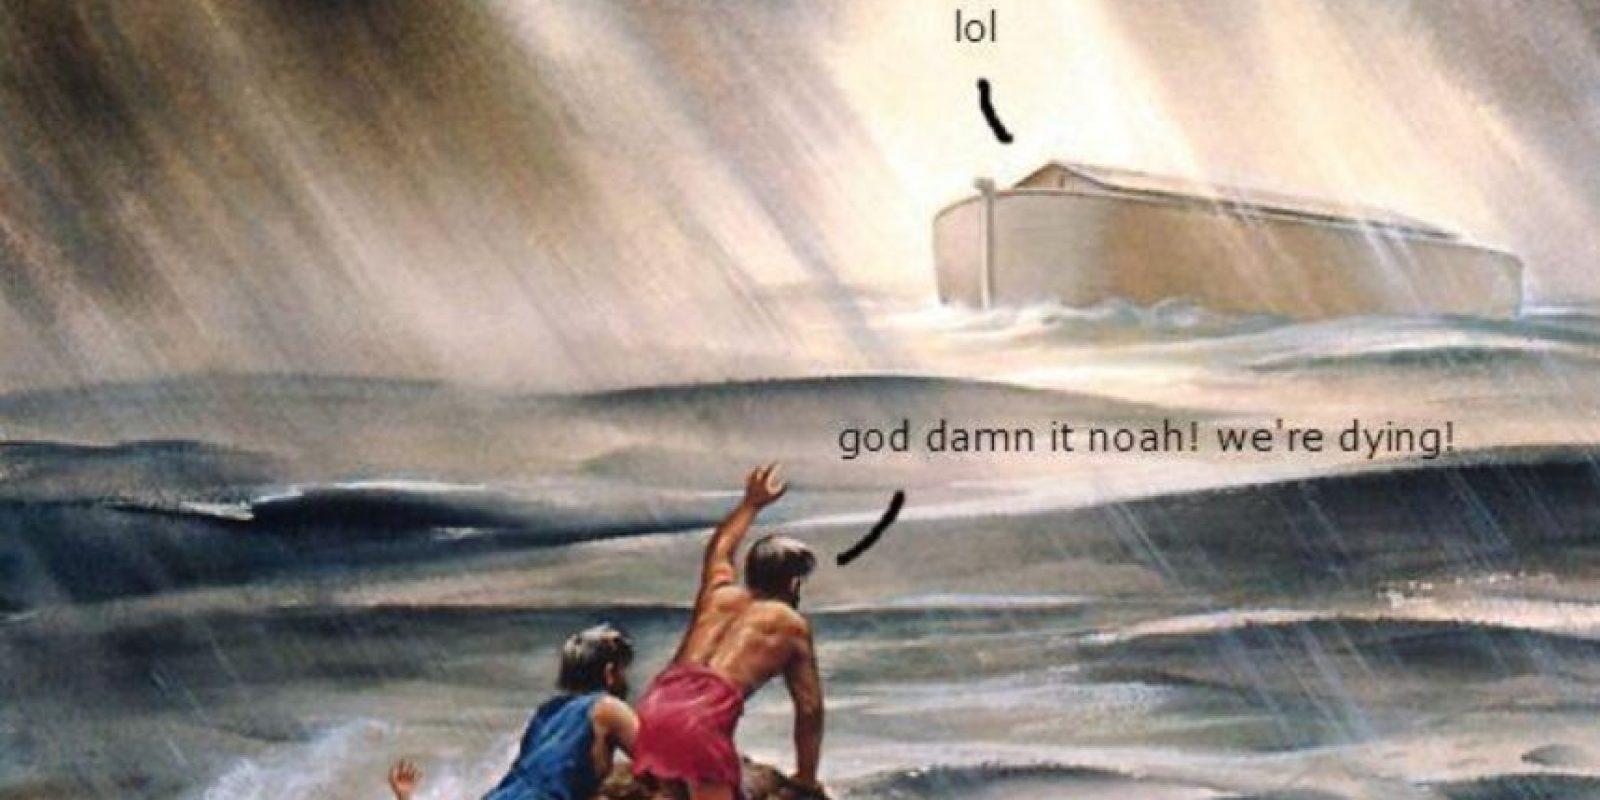 Pasajes bíblicos, Jesús con dinosaurios y el Cristo malamente restaurado que se hizo popular en 2013 son algunos de los temas de los memes.Pasajes bíblicos, Jesús con dinosaurios y el Cristo malamente restaurado que se hizo popular en 2013 son algunos de los temas de los memes. Foto:Jesus Memes